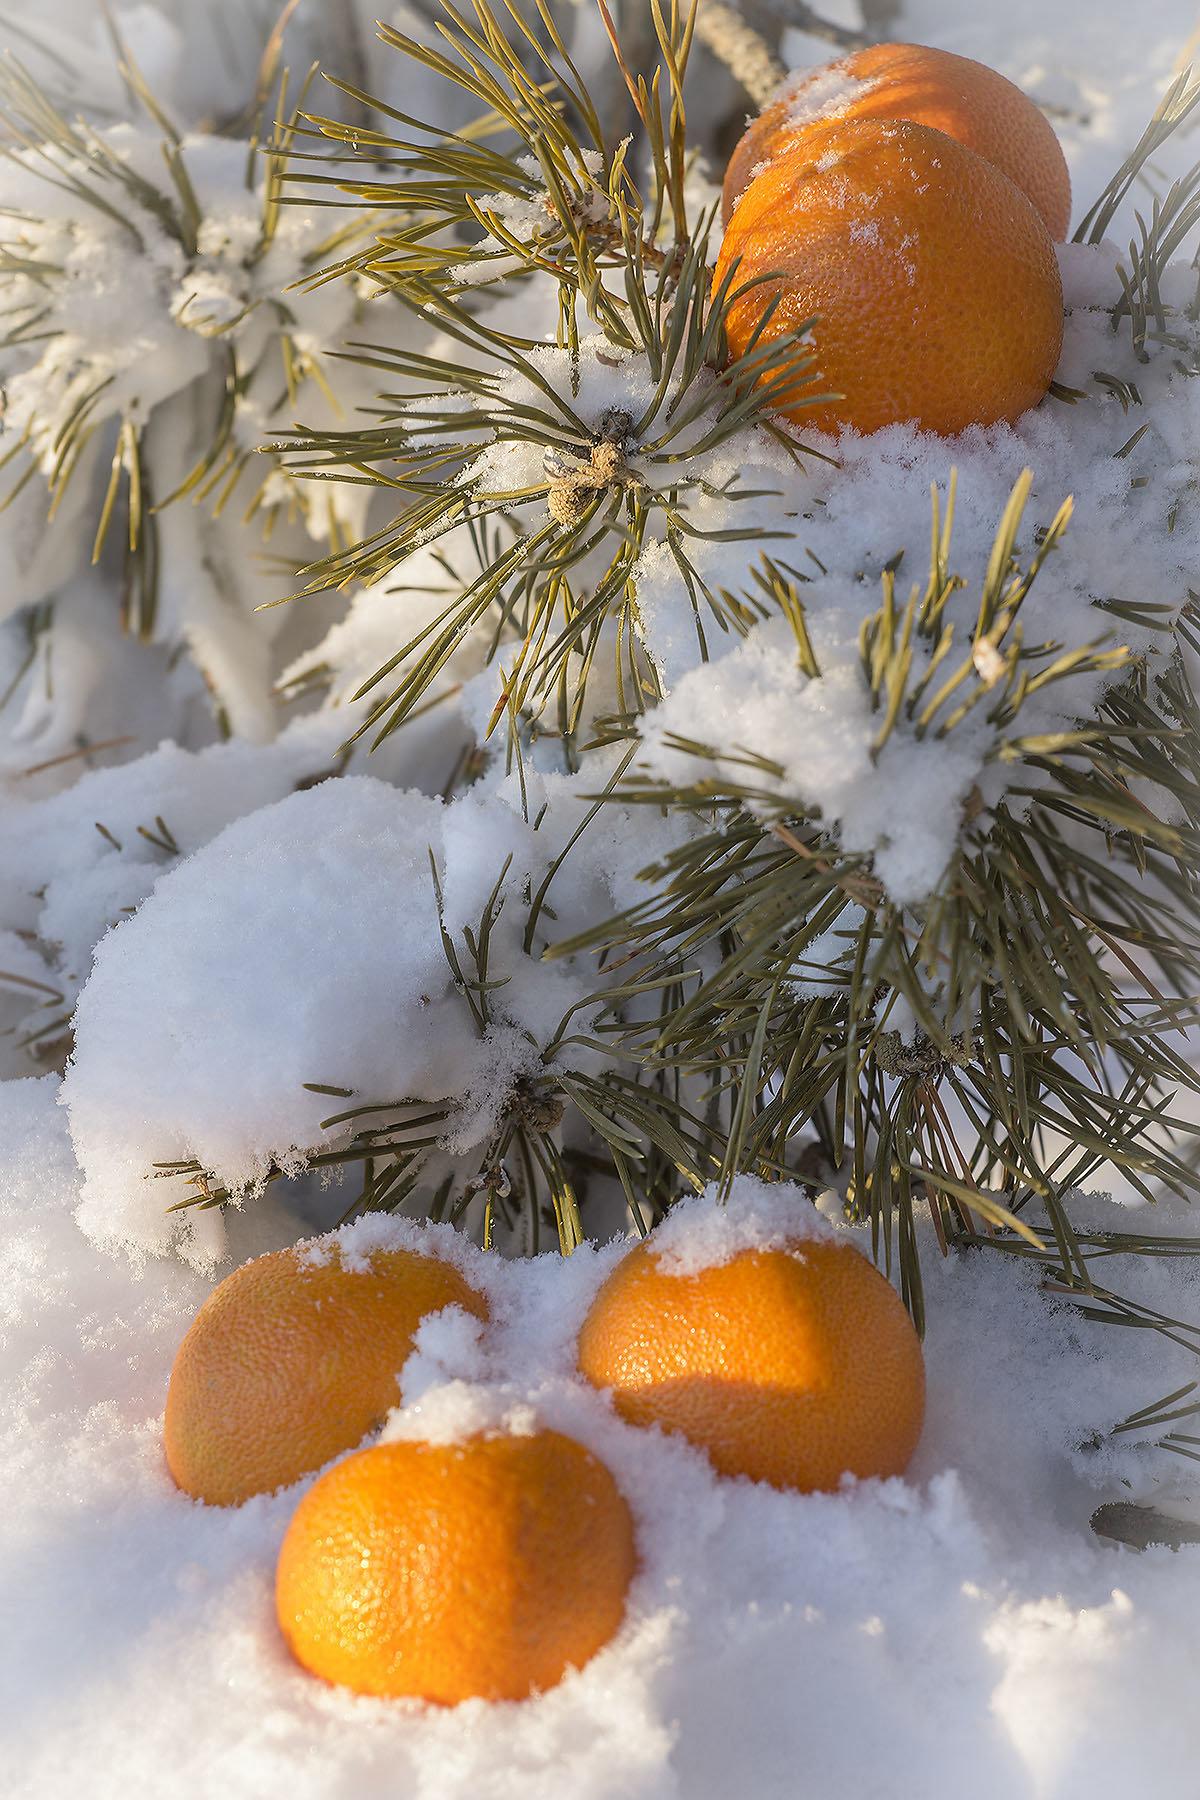 Оформить поздравление, картинки апельсины на снегу